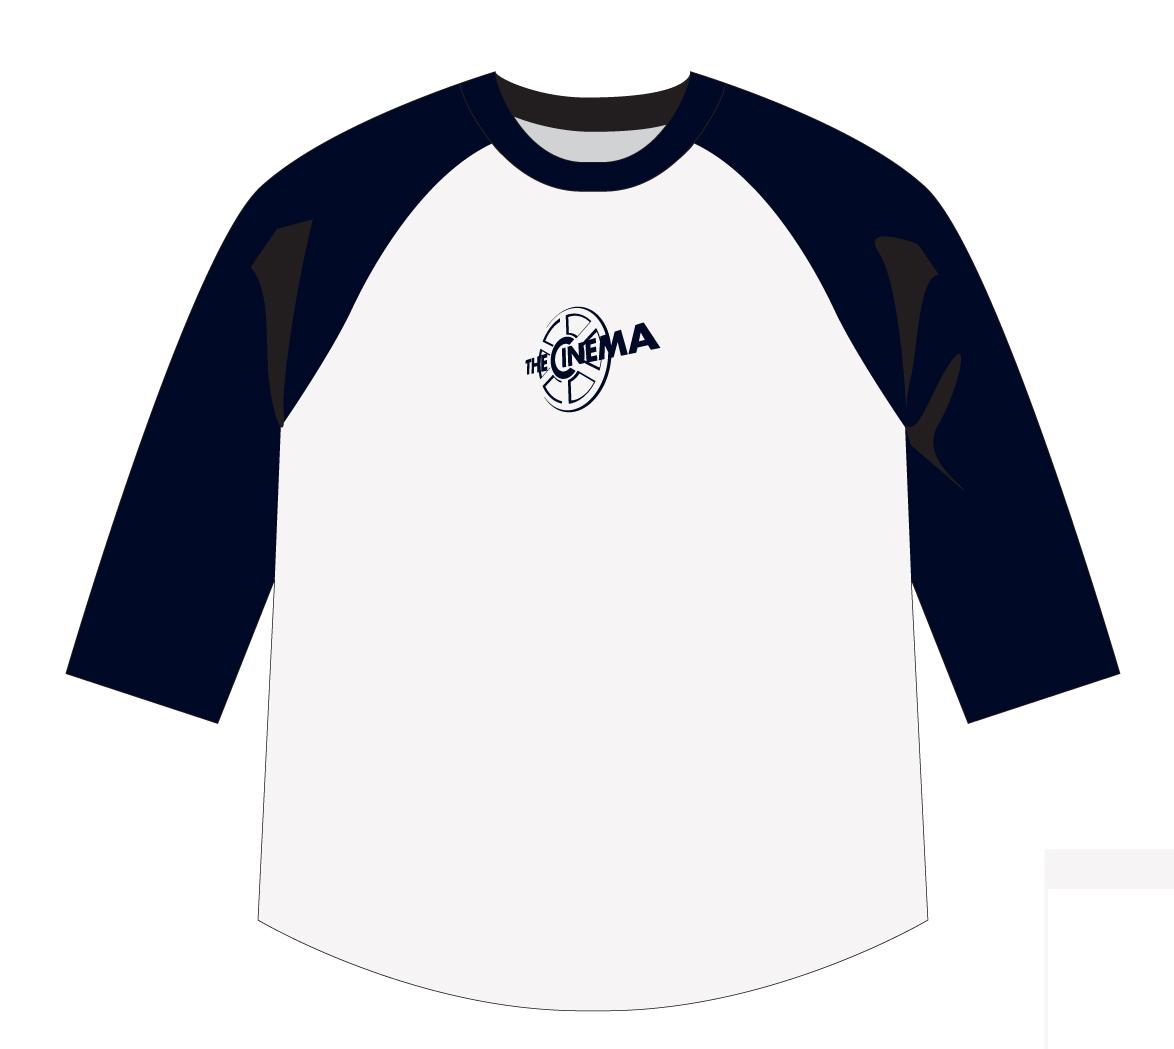 Tシャツ画像 ザ・シネマ ハリウッド2大スター×ハリウッド2大作プレゼントキャンペーン.jpg